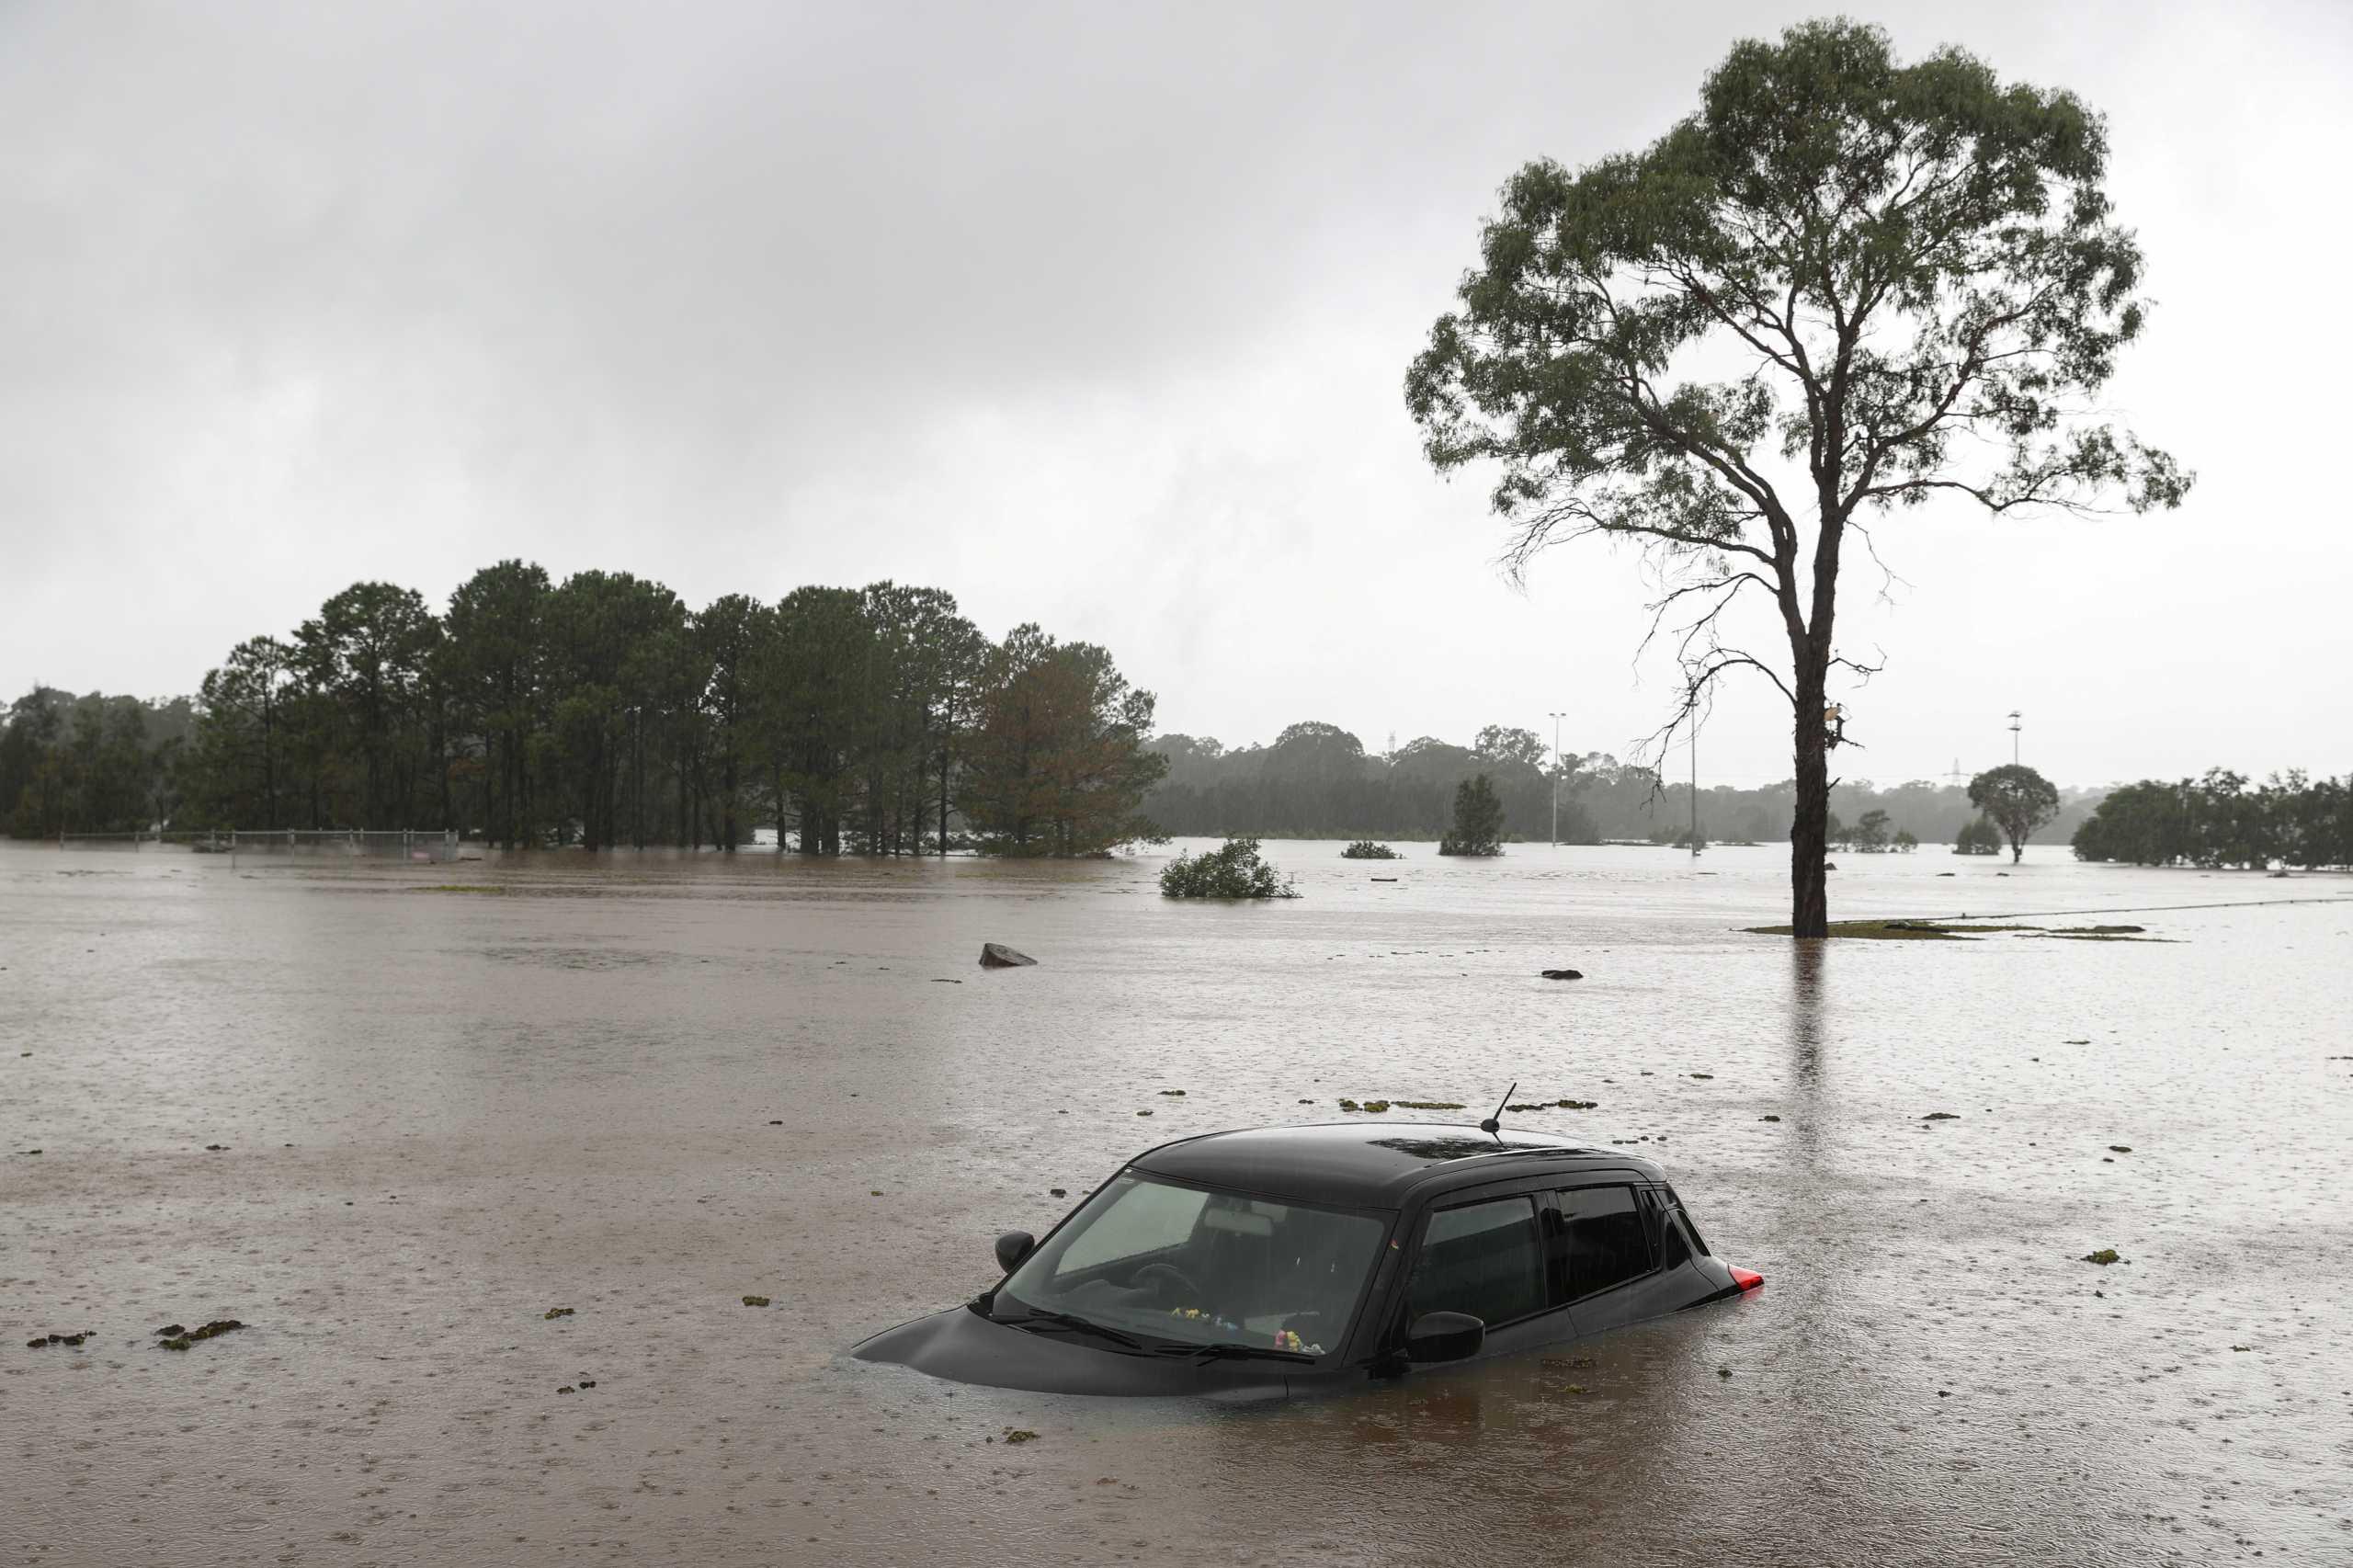 Αυστραλία: Οι χειρότερες πλημμύρες των τελευταίων 60 ετών αφήνουν χιλιάδες άστεγους στο Σίδνεϊ